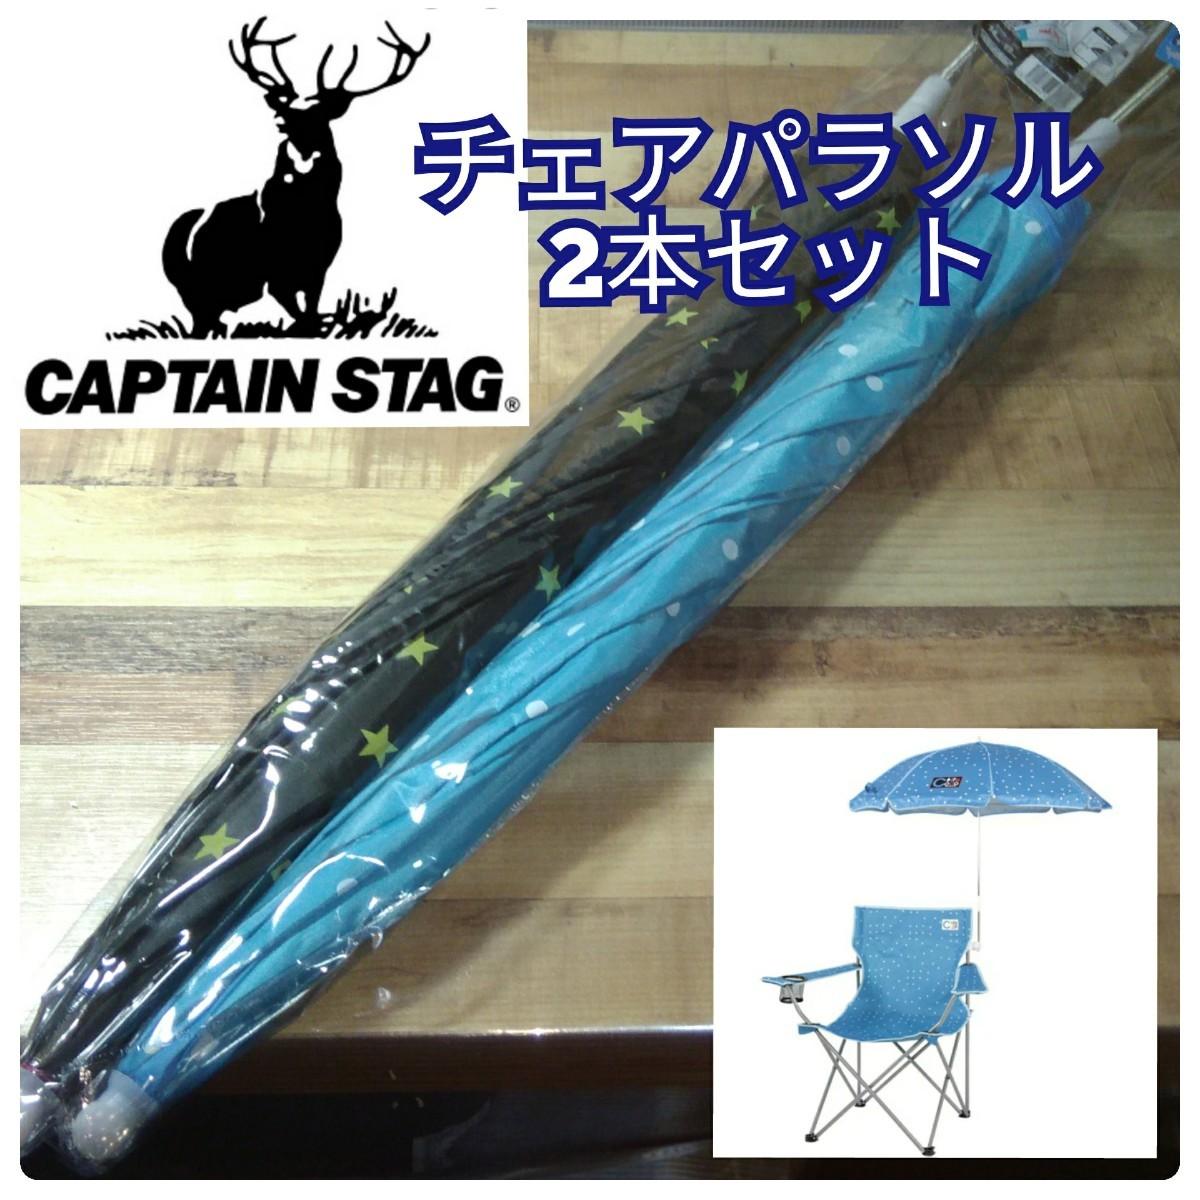 キャプテンスタッグ チェアパラソル 二本セット  晴雨兼用  折りたたみ傘 長傘 日傘 captain stag ブルー ブラック